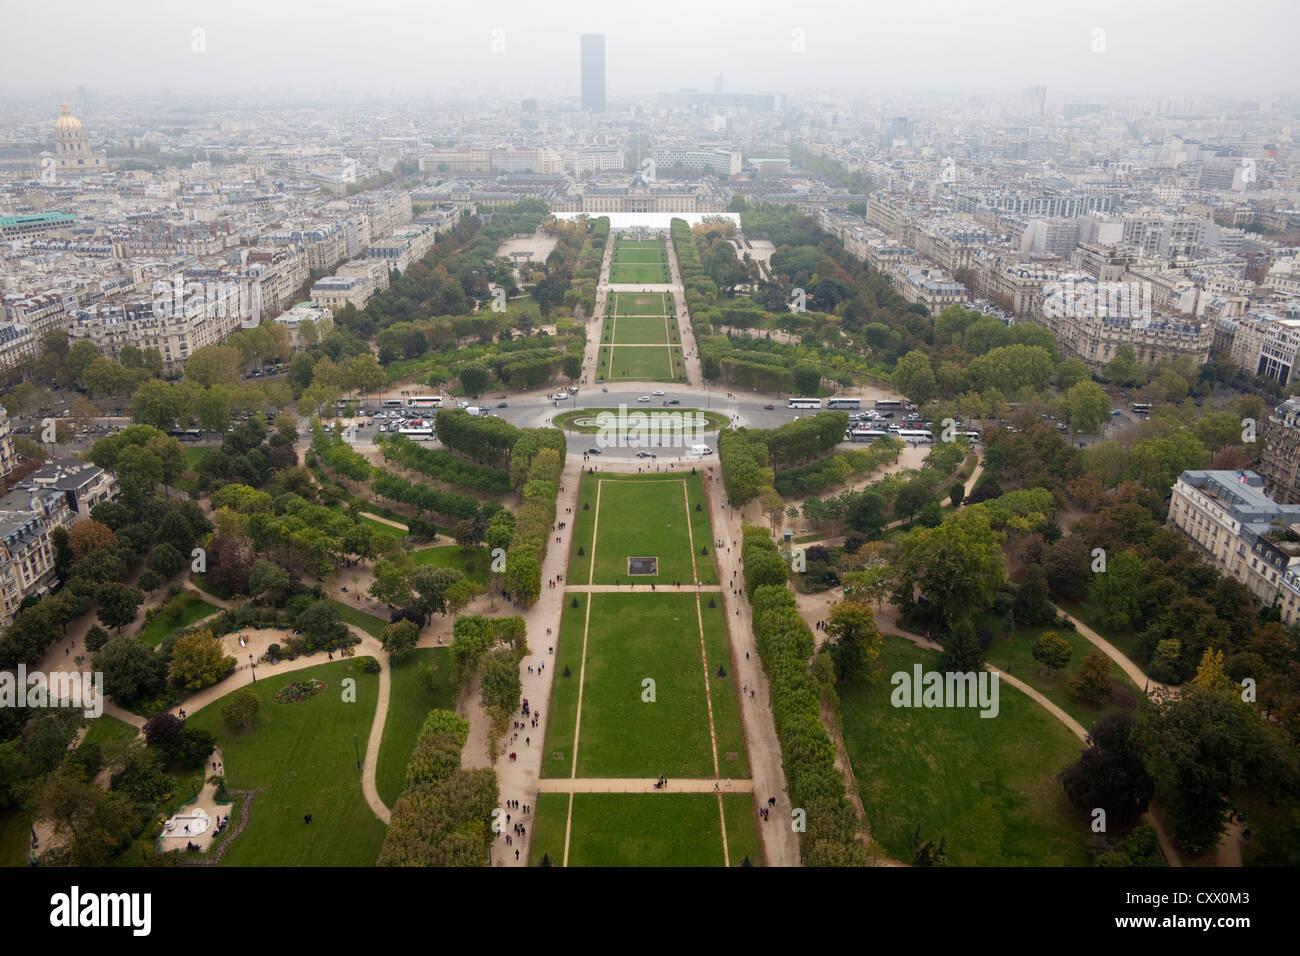 The Parc du Champ de Mars seen from the Eiffel Tower, Paris, France - Stock Image